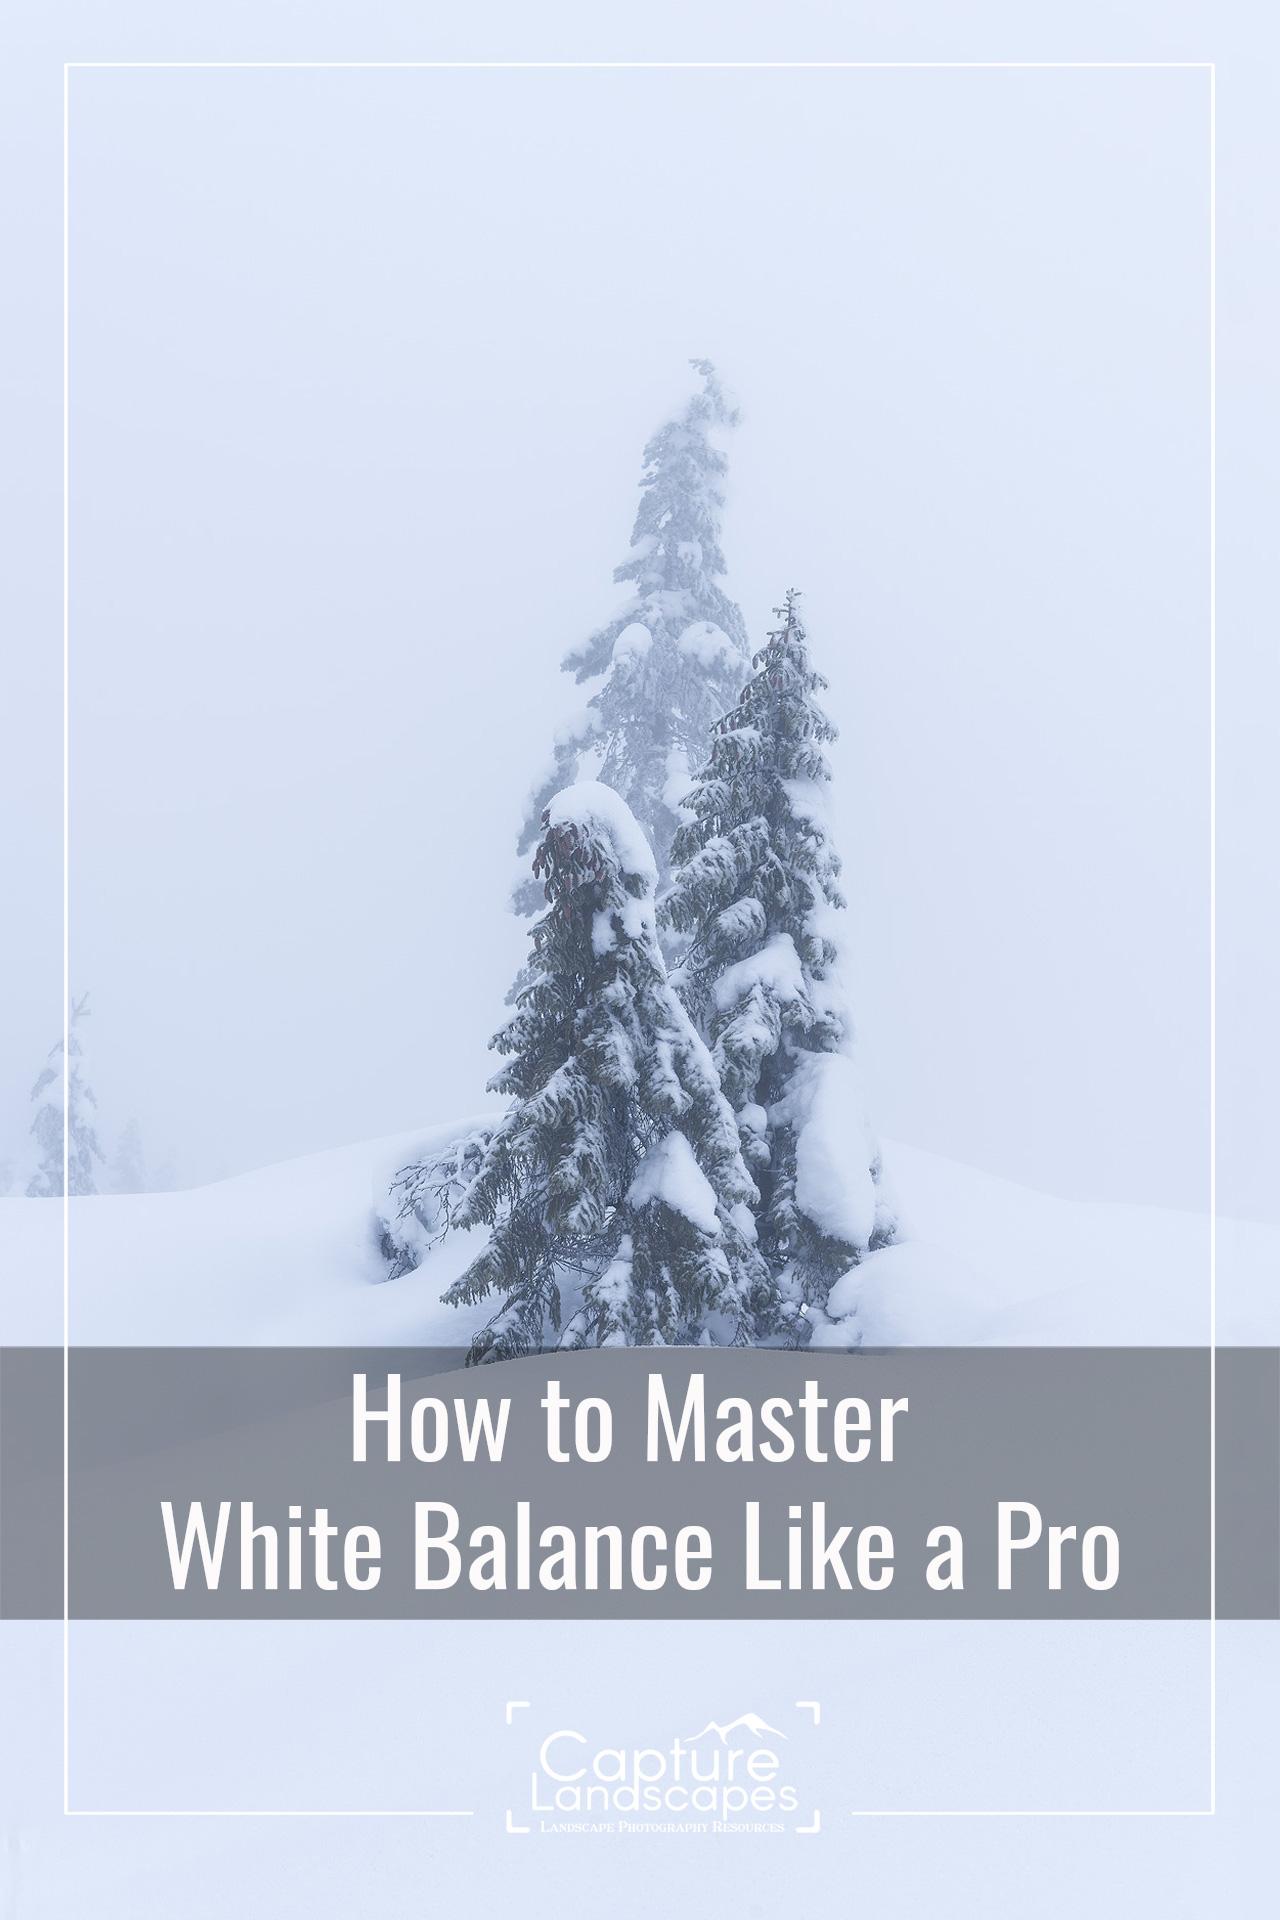 Master White Balance like a Pro